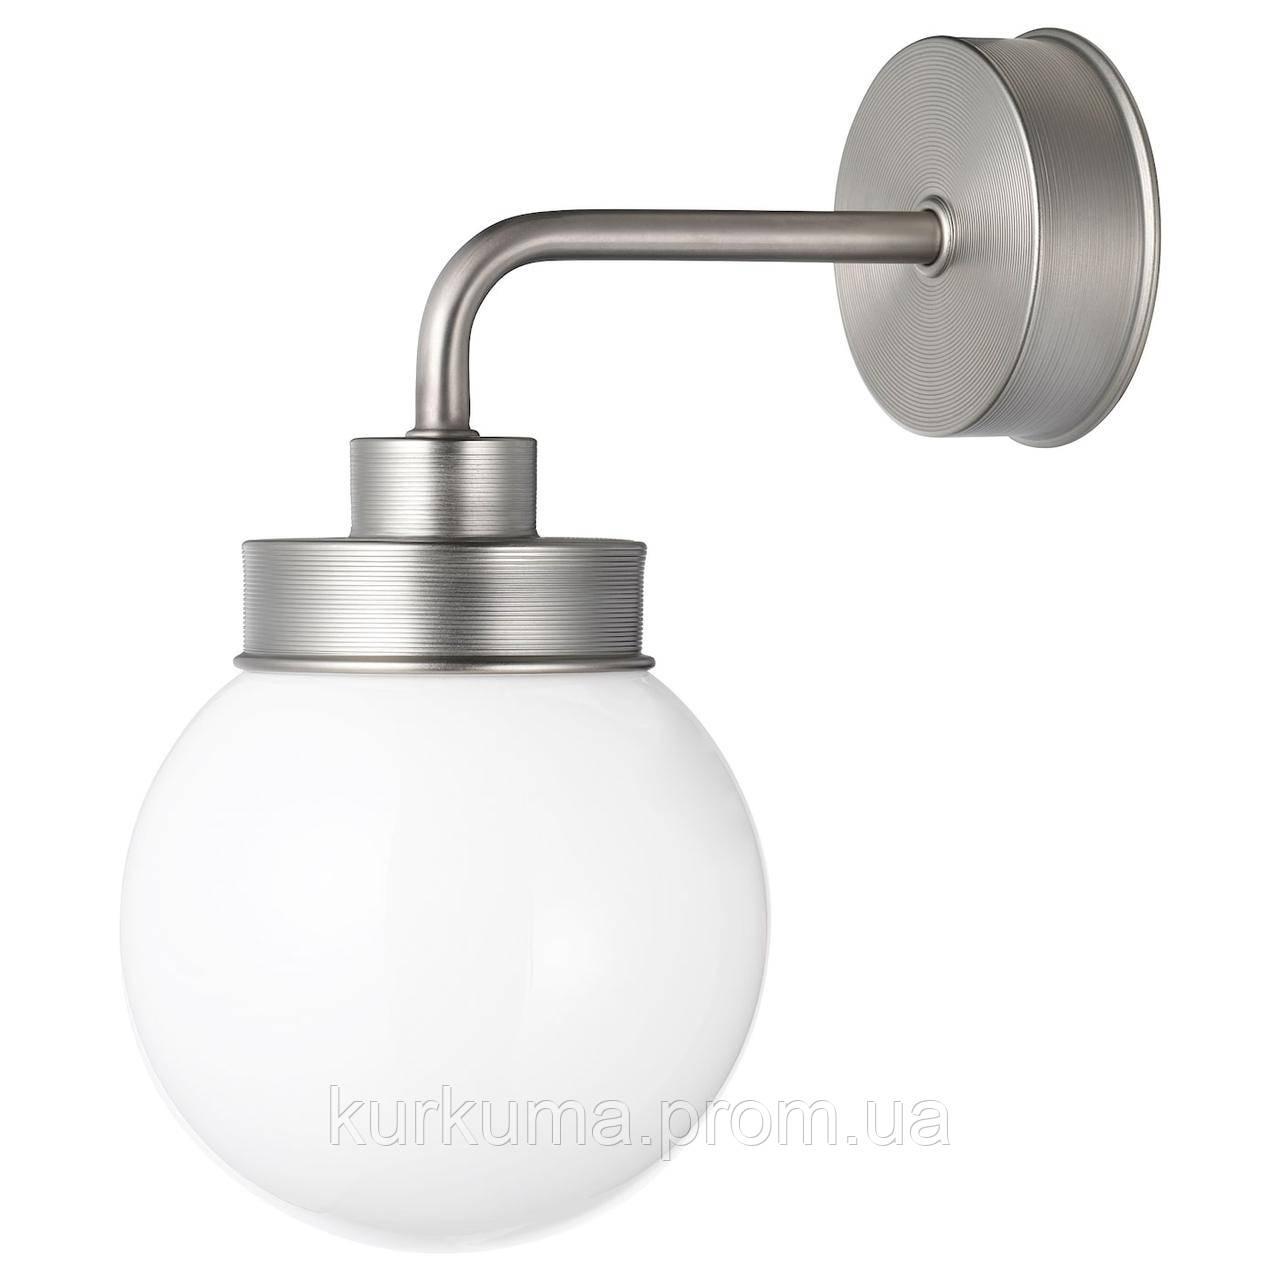 IKEA FRIHULT Настенный светильник, сталь (404.316.01)